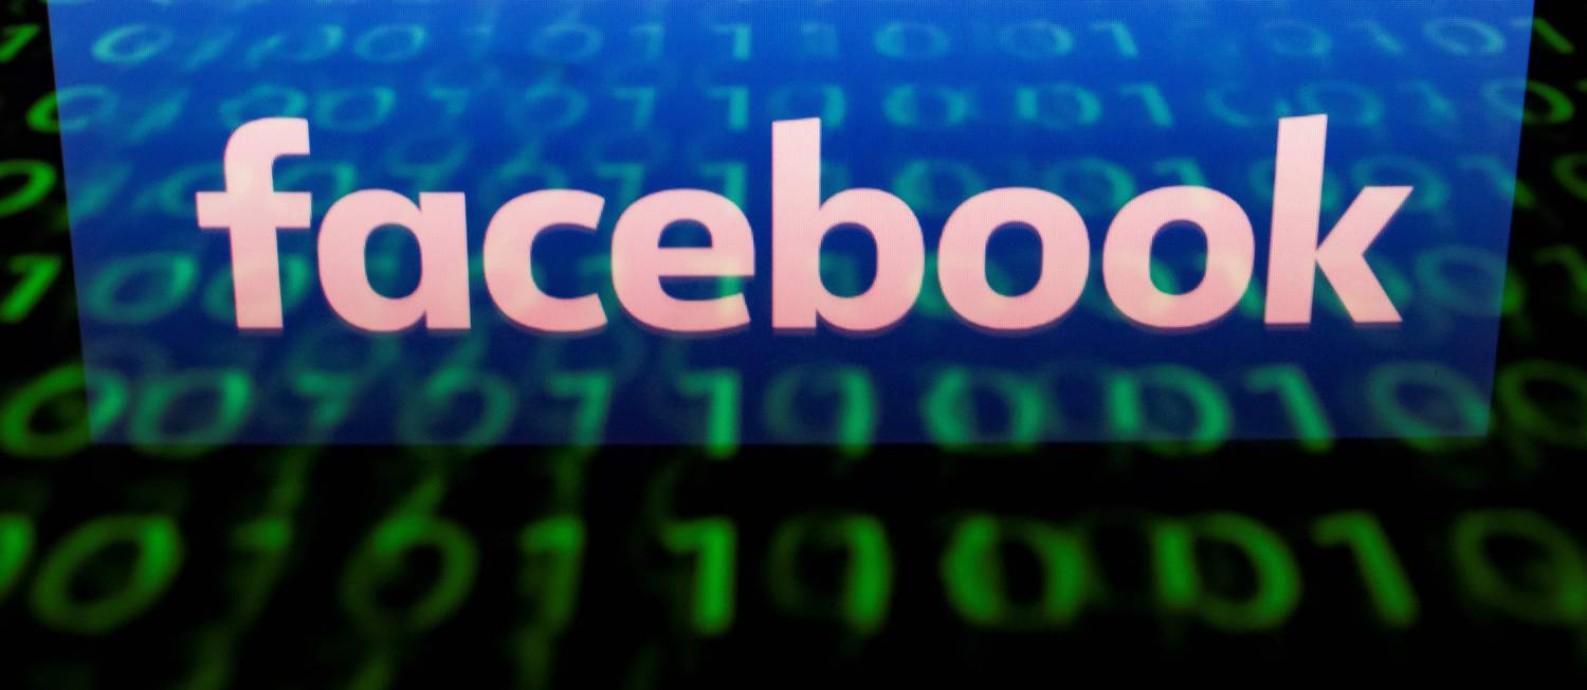 Hackers roubaram chaves digitais de 30 milhões de usuários do Facebook Foto: LIONEL BONAVENTURE / AFP